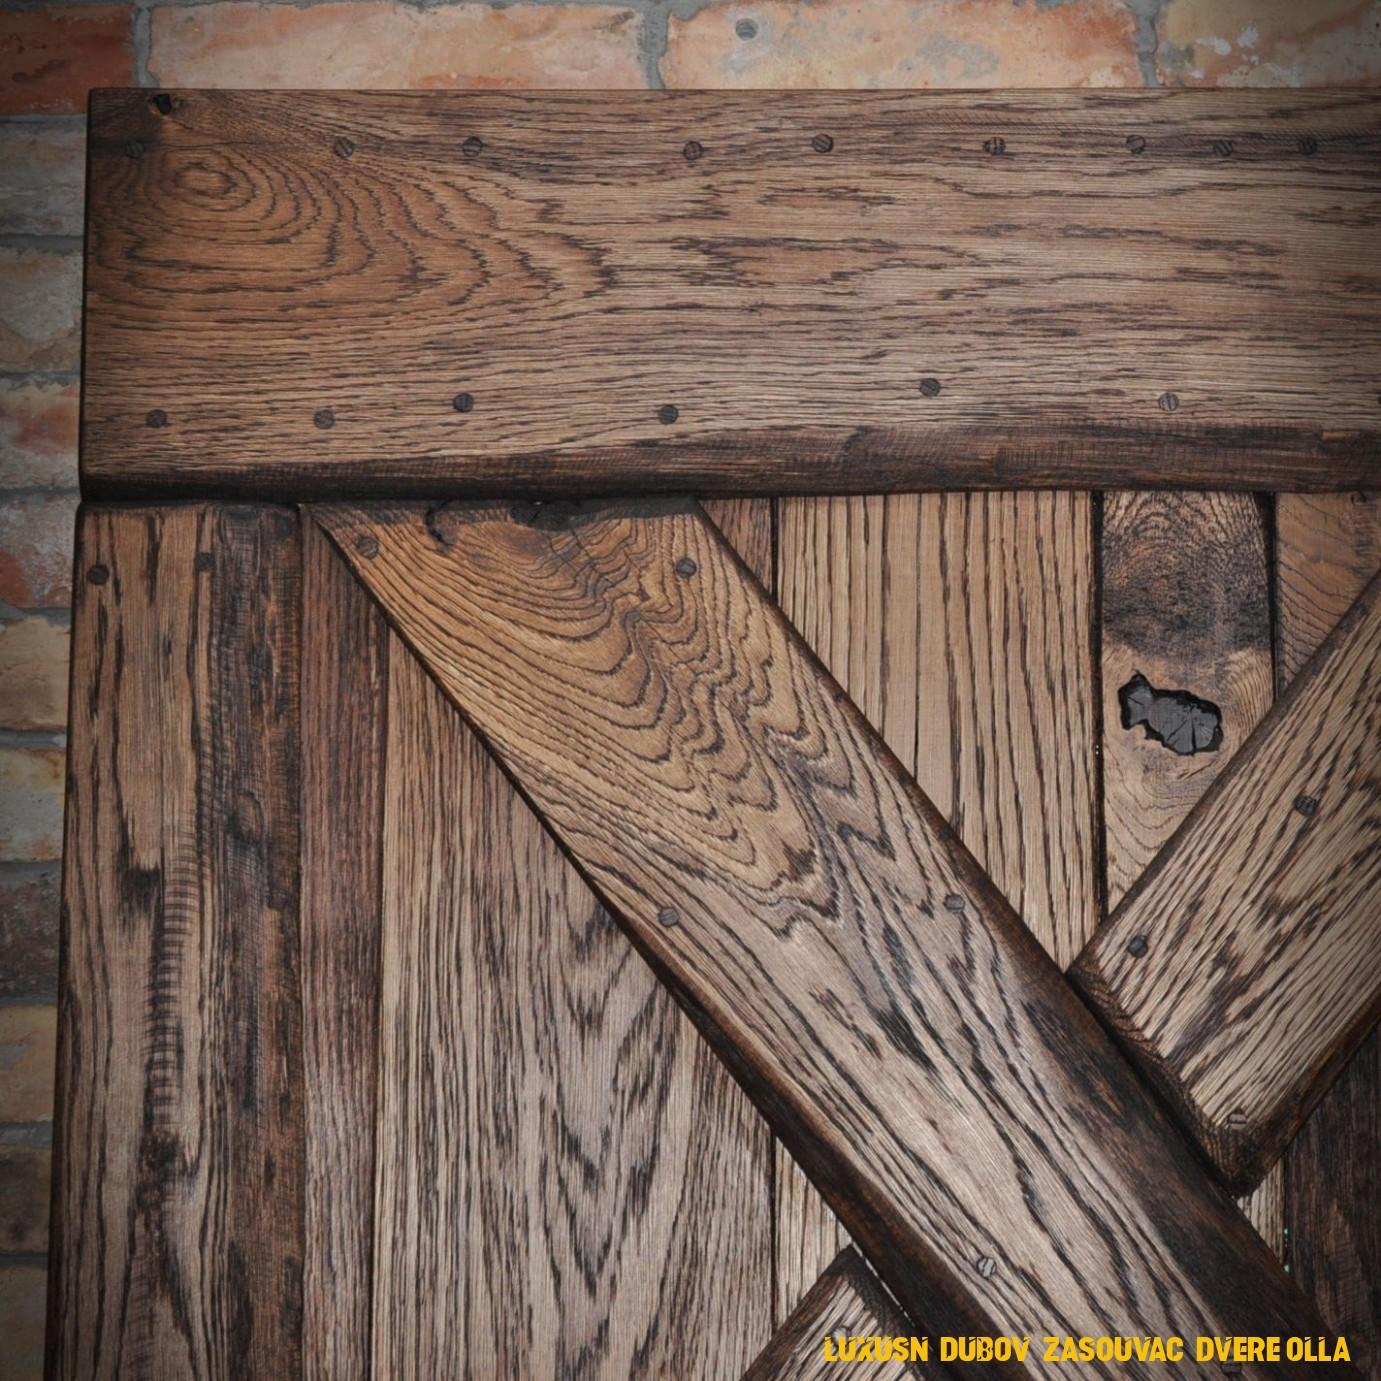 Luxusní dubové zasouvací dveře Olla